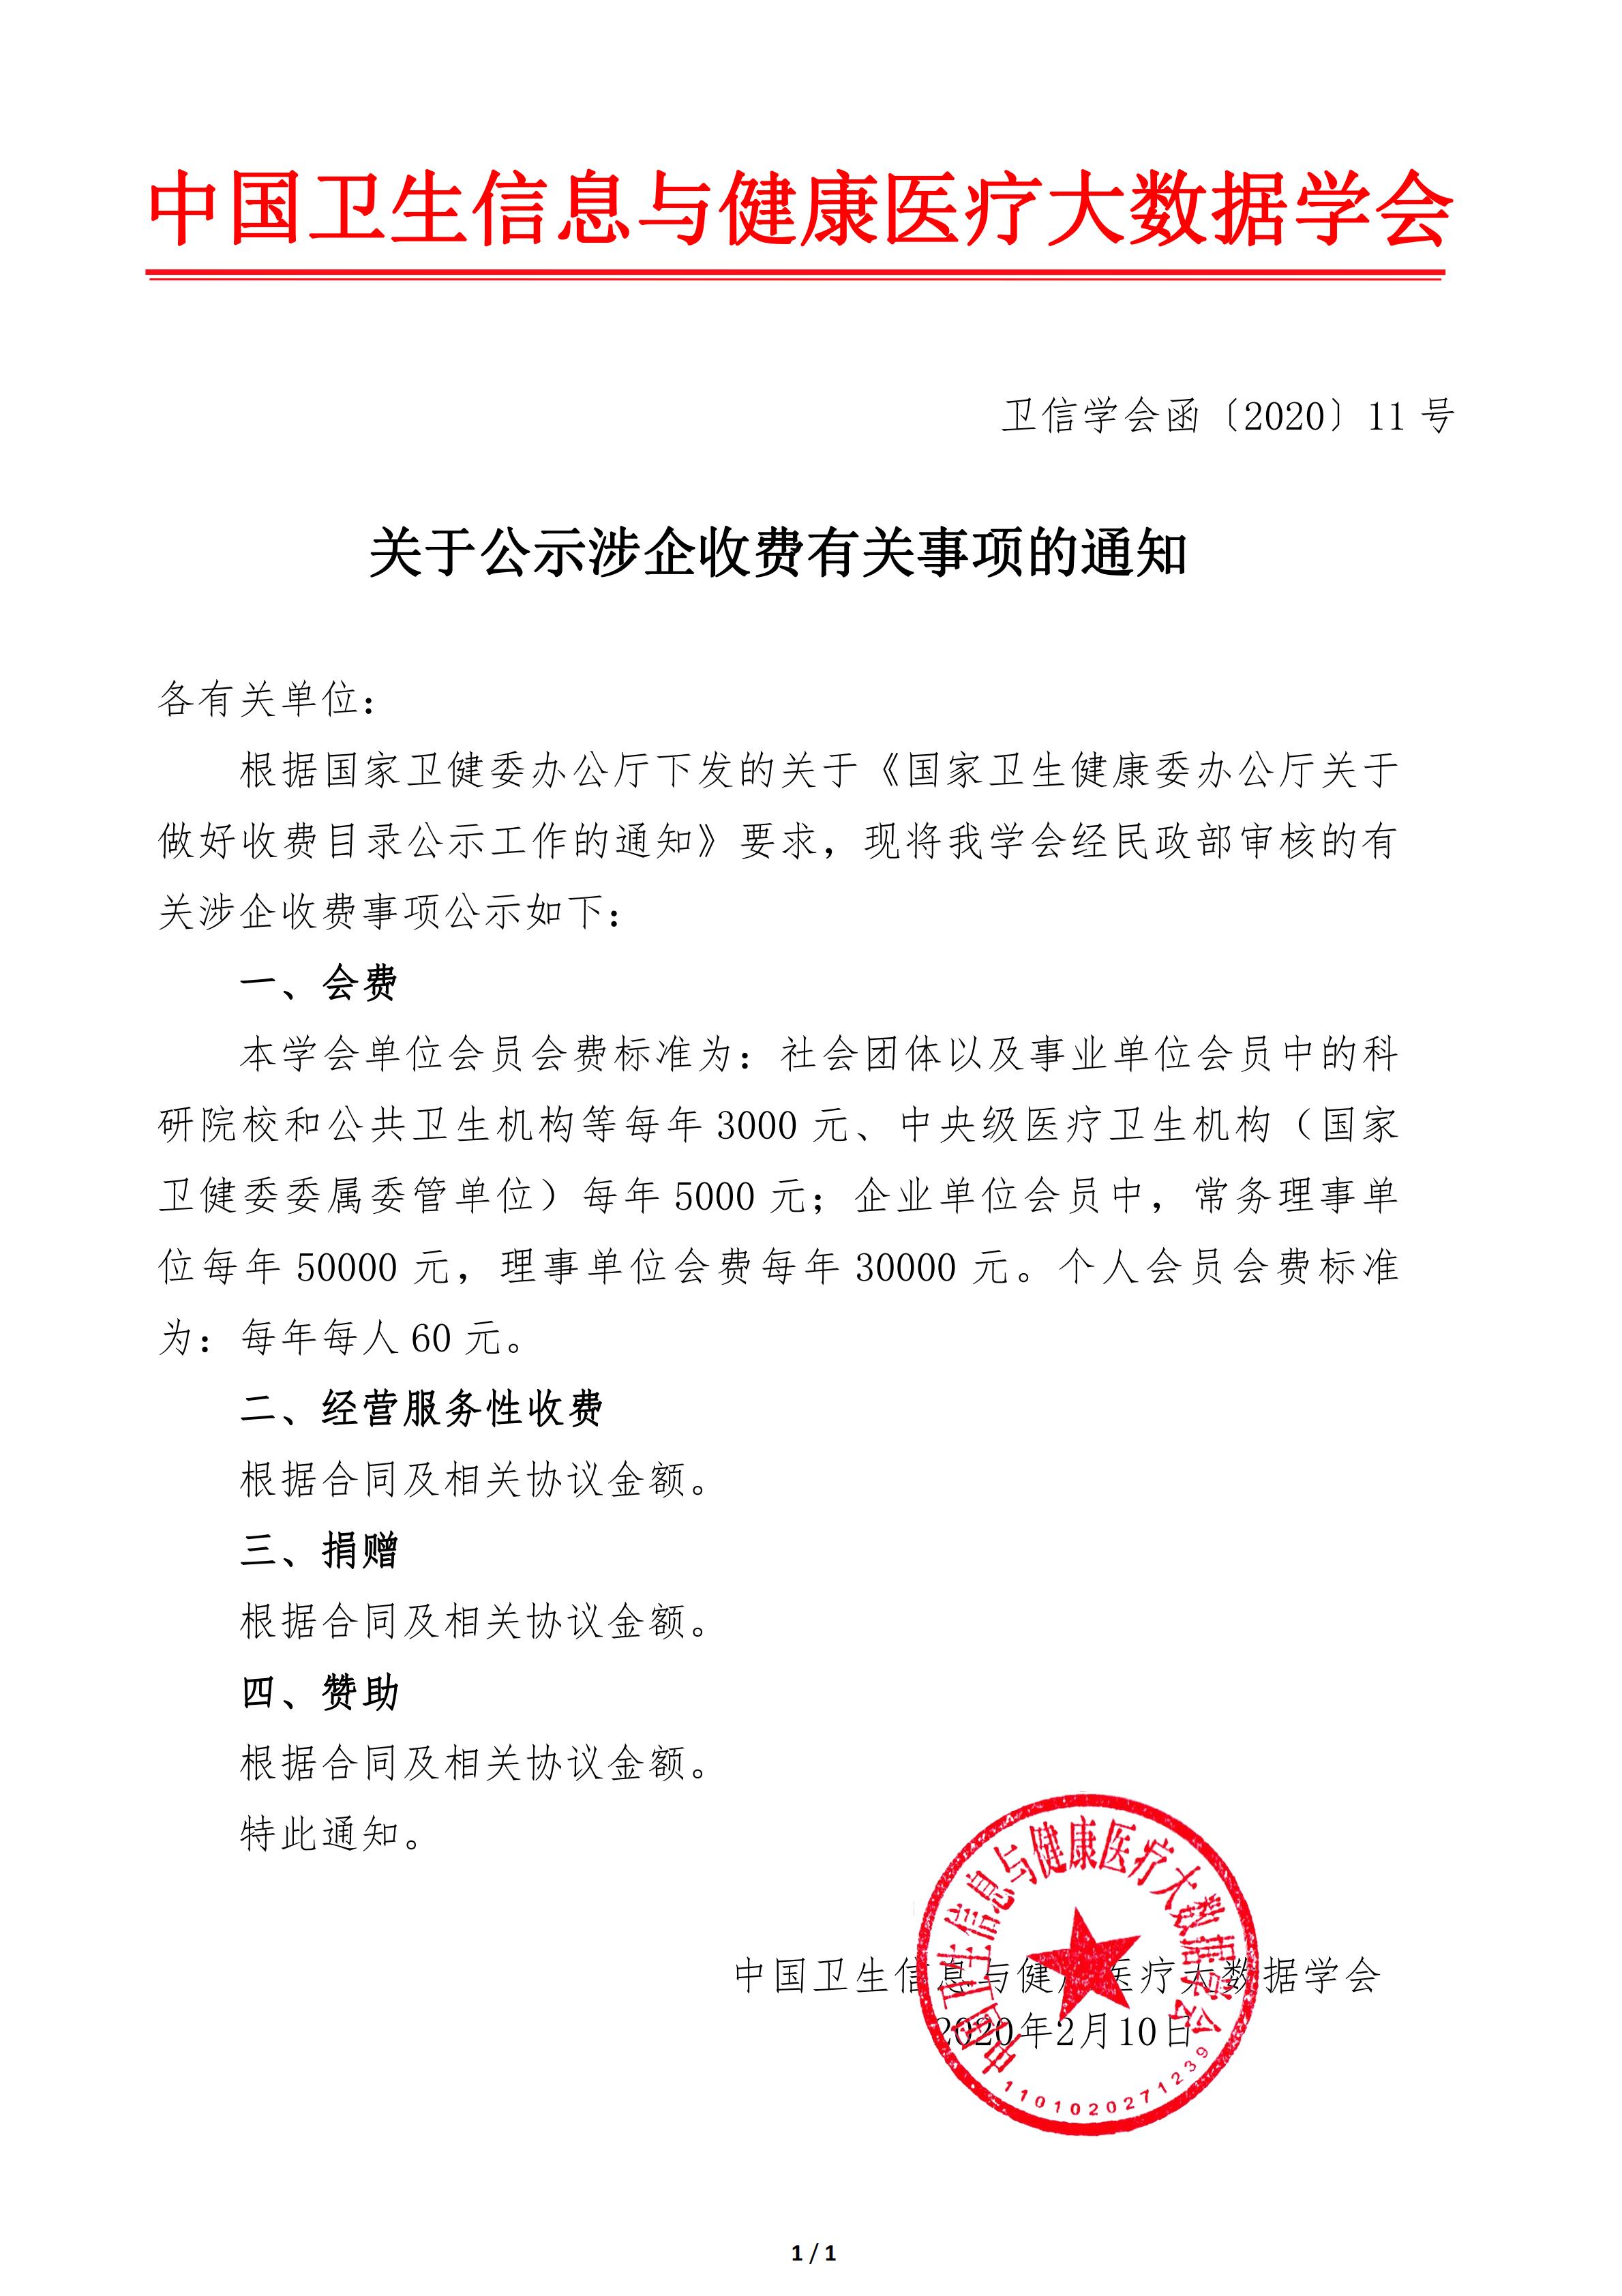 11号文-关于公示涉企收费有关事项的通知_00.png